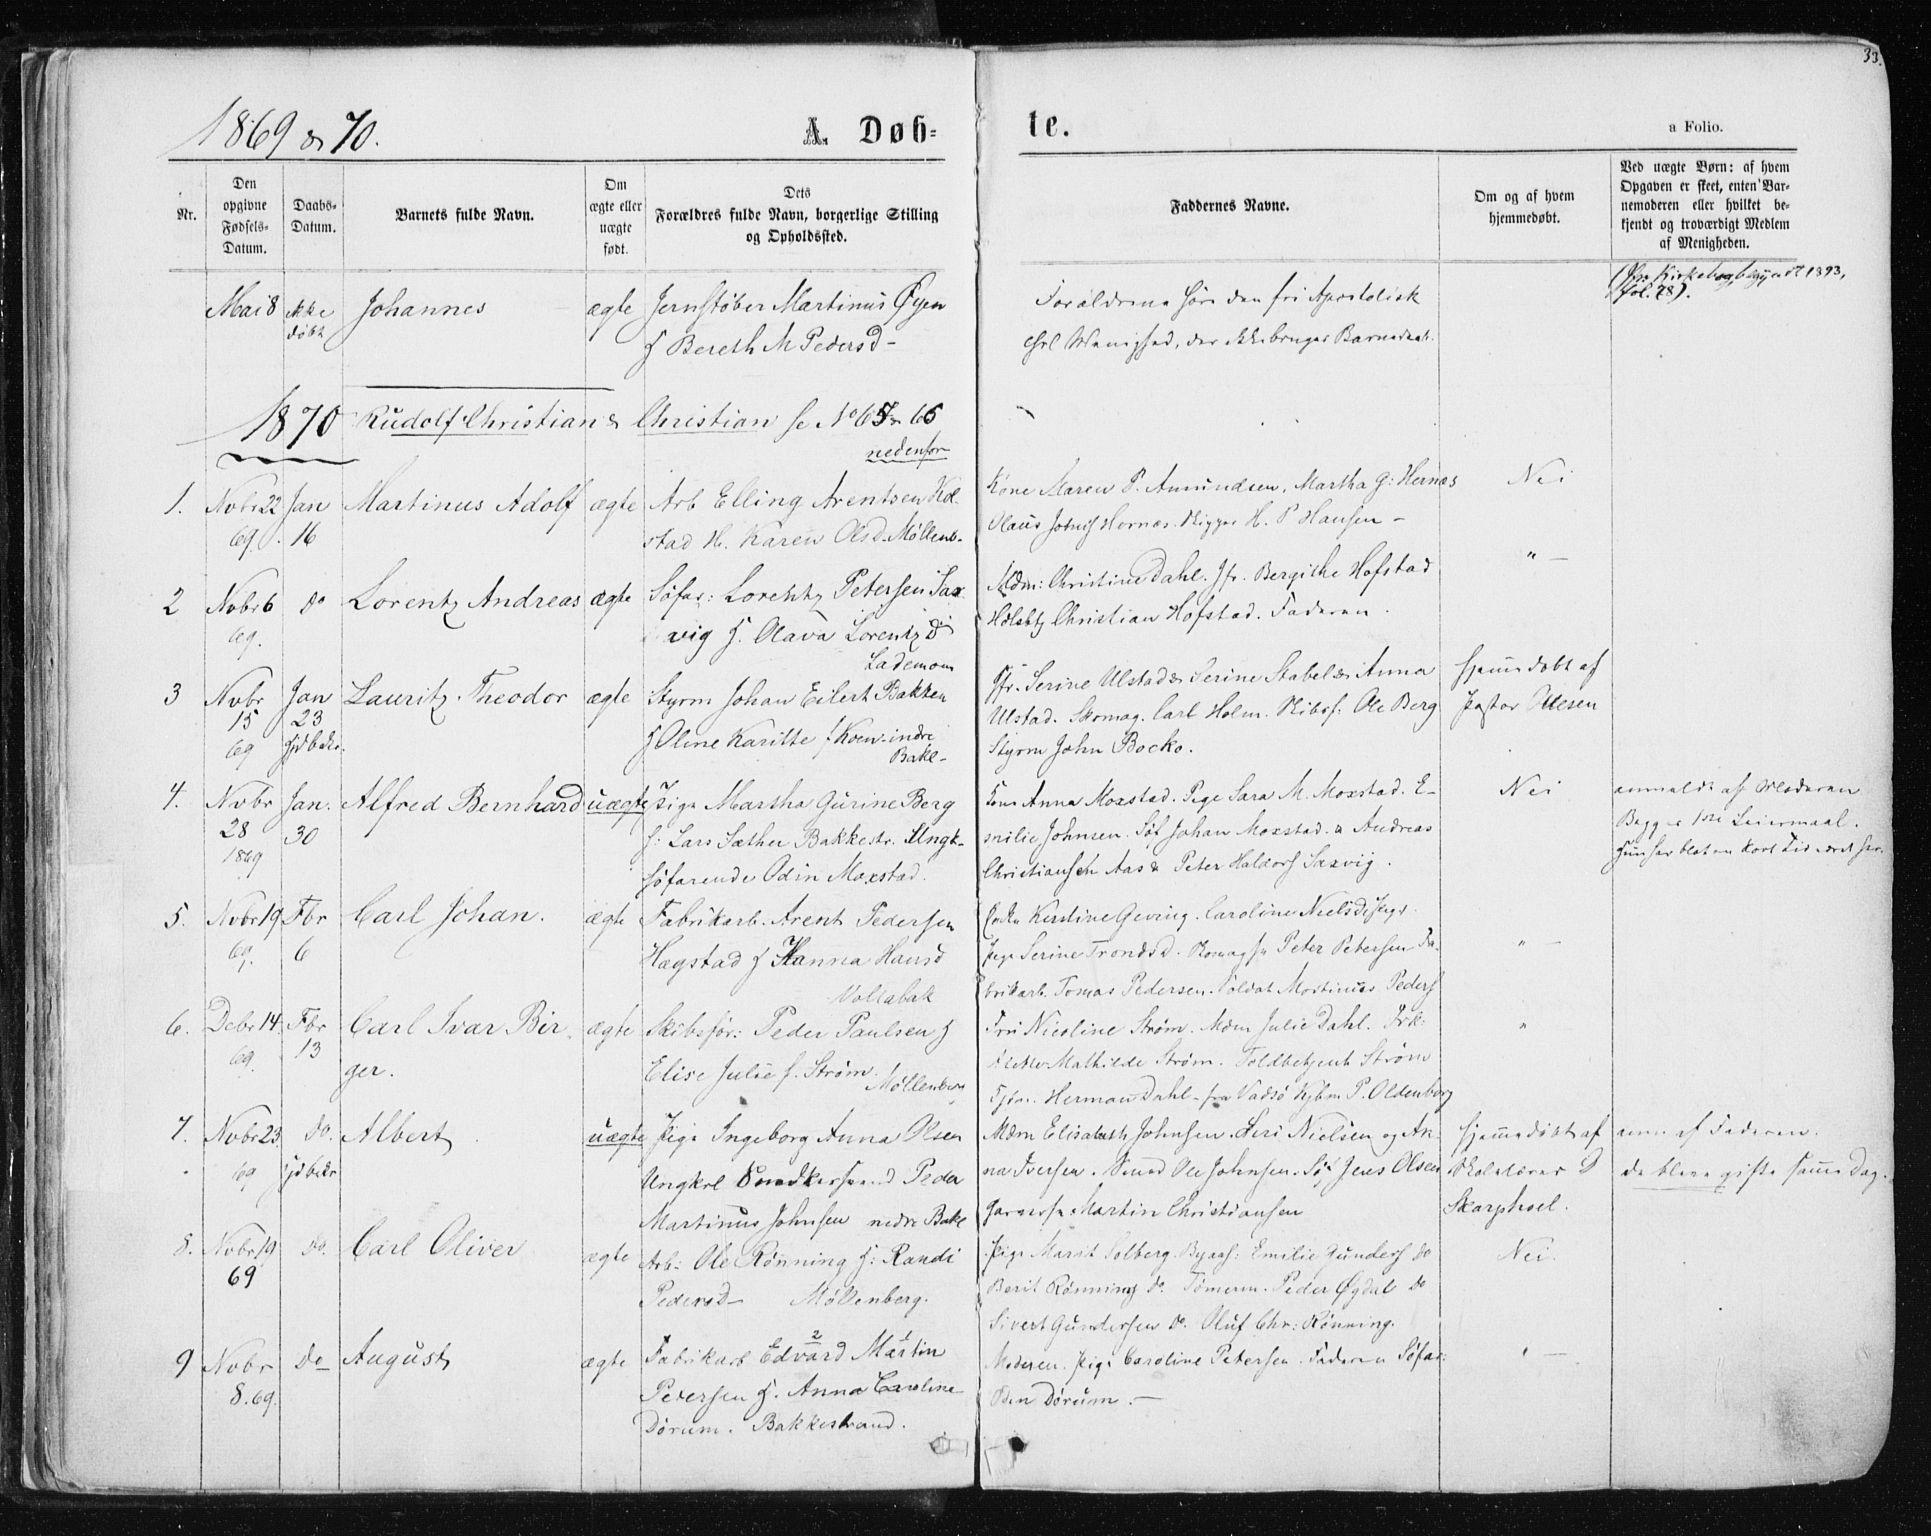 SAT, Ministerialprotokoller, klokkerbøker og fødselsregistre - Sør-Trøndelag, 604/L0186: Ministerialbok nr. 604A07, 1866-1877, s. 33